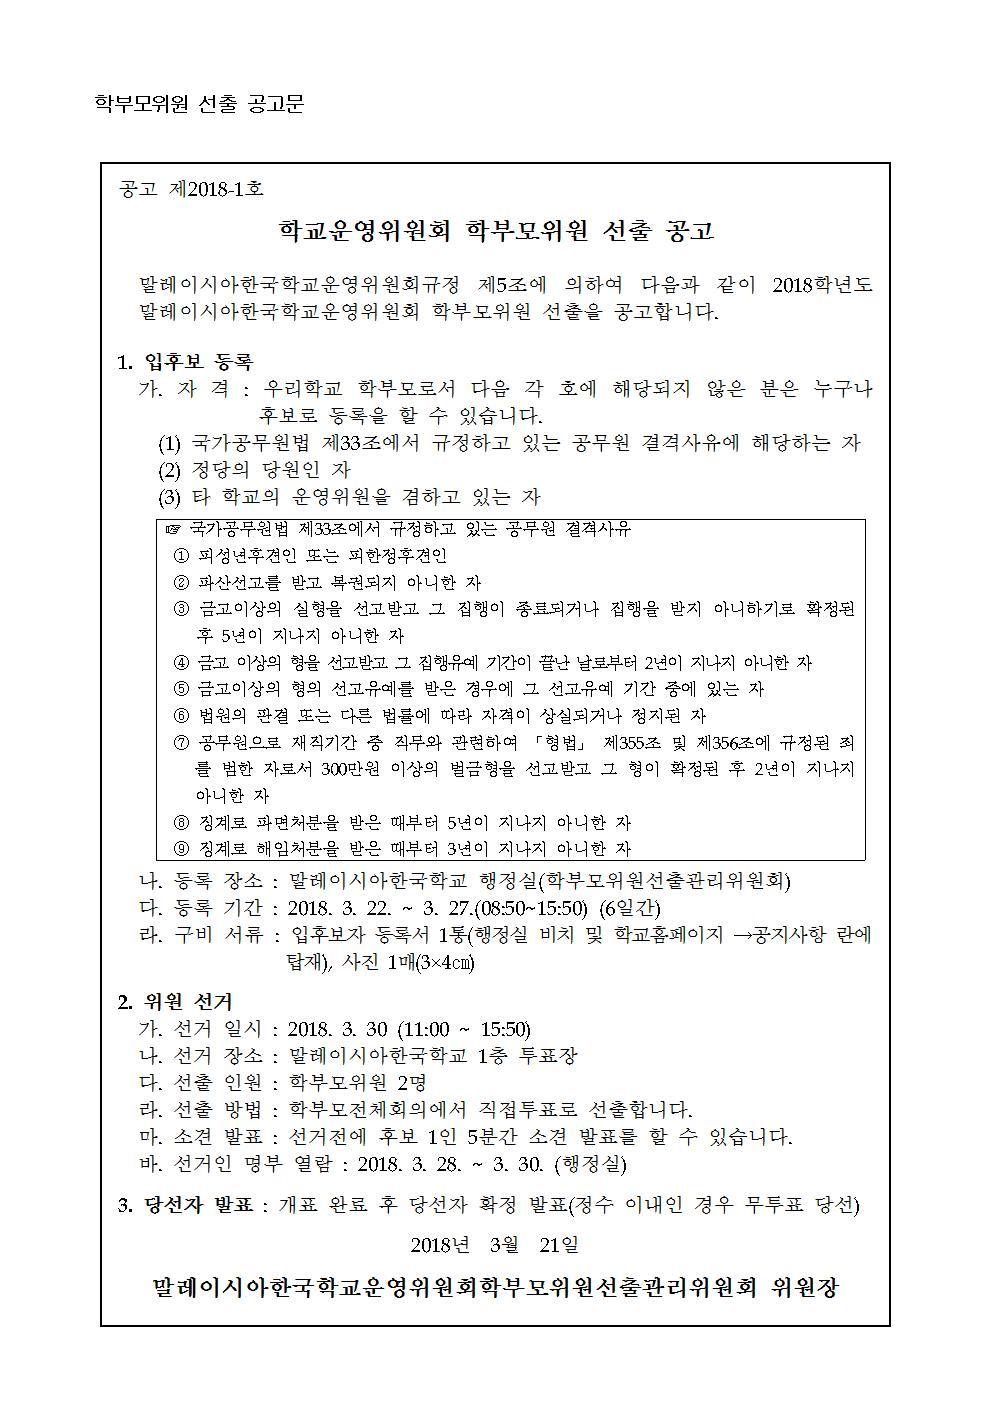 (가초-2018-07호)학교운영위원회선거홍보002.jpg